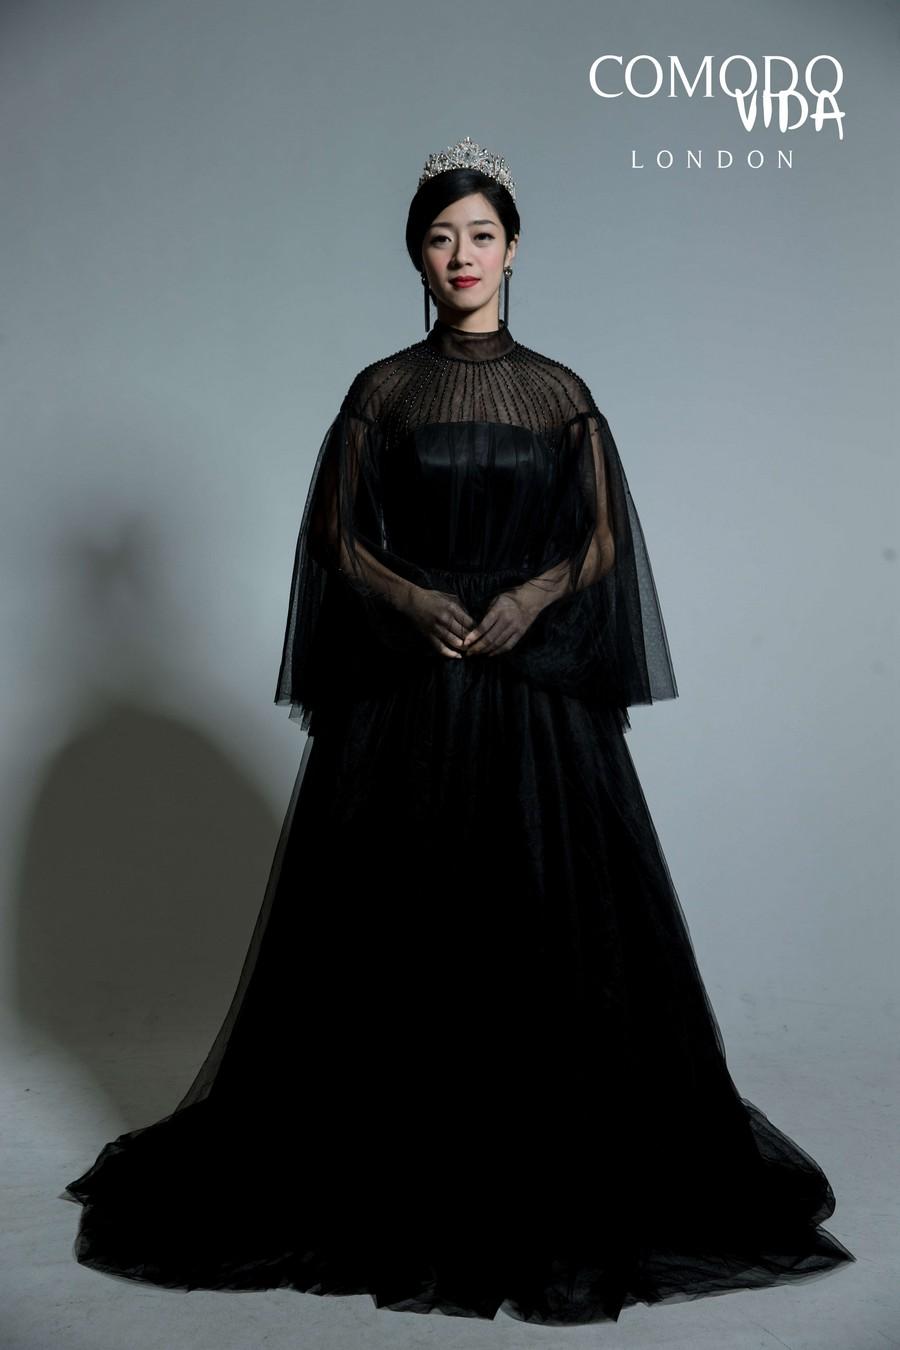 輕禮服婚紗,禮服推薦,禮服品牌,禮服 推薦,手工禮服,禮服洋裝,禮服款式,禮服出租,禮服訂製